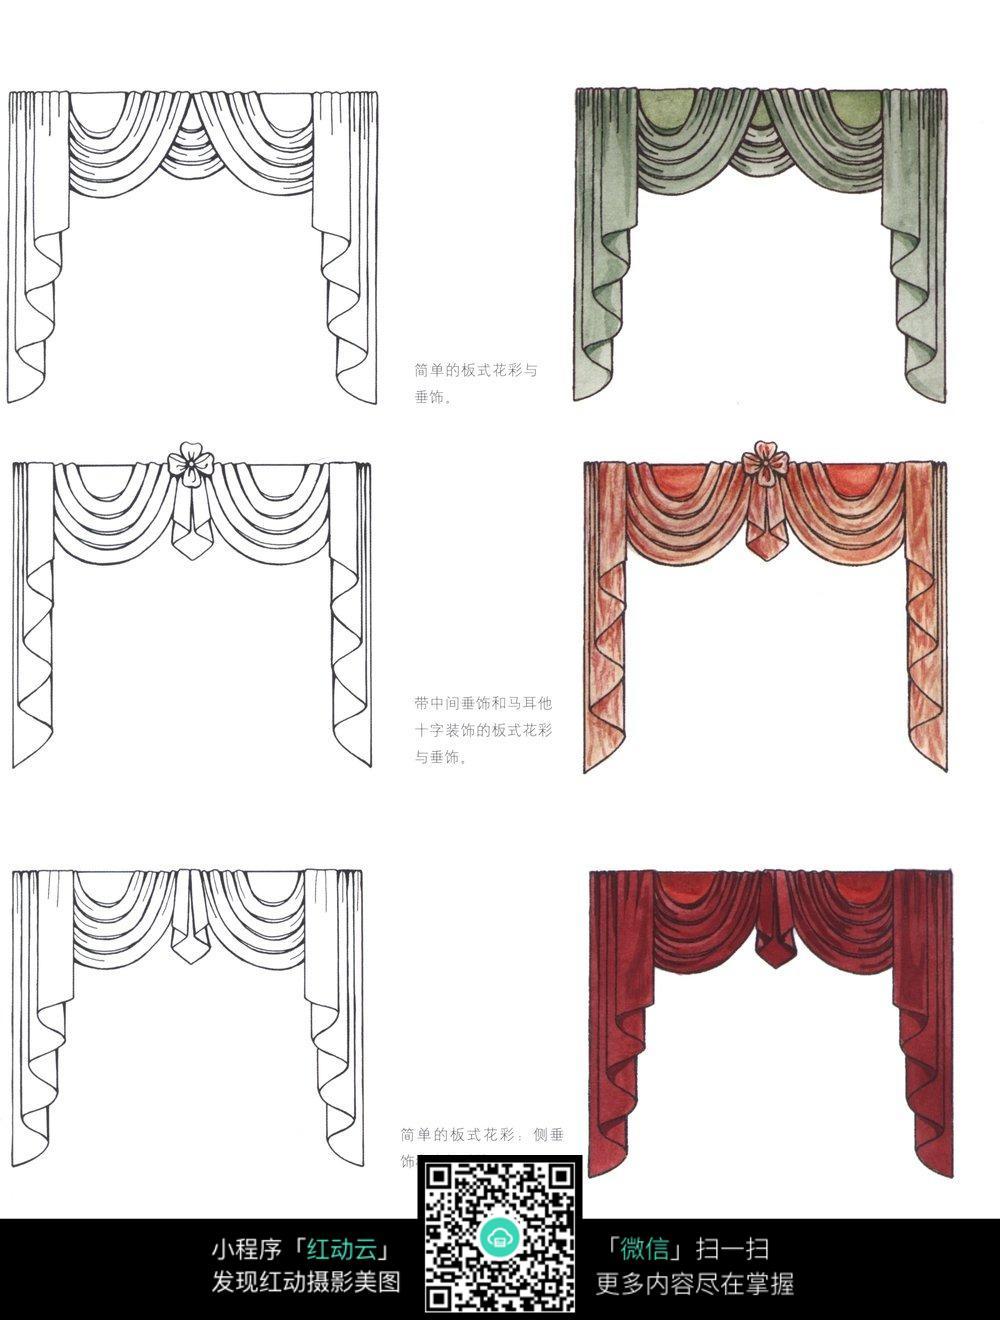 垂饰窗头手绘图_家具电器图片